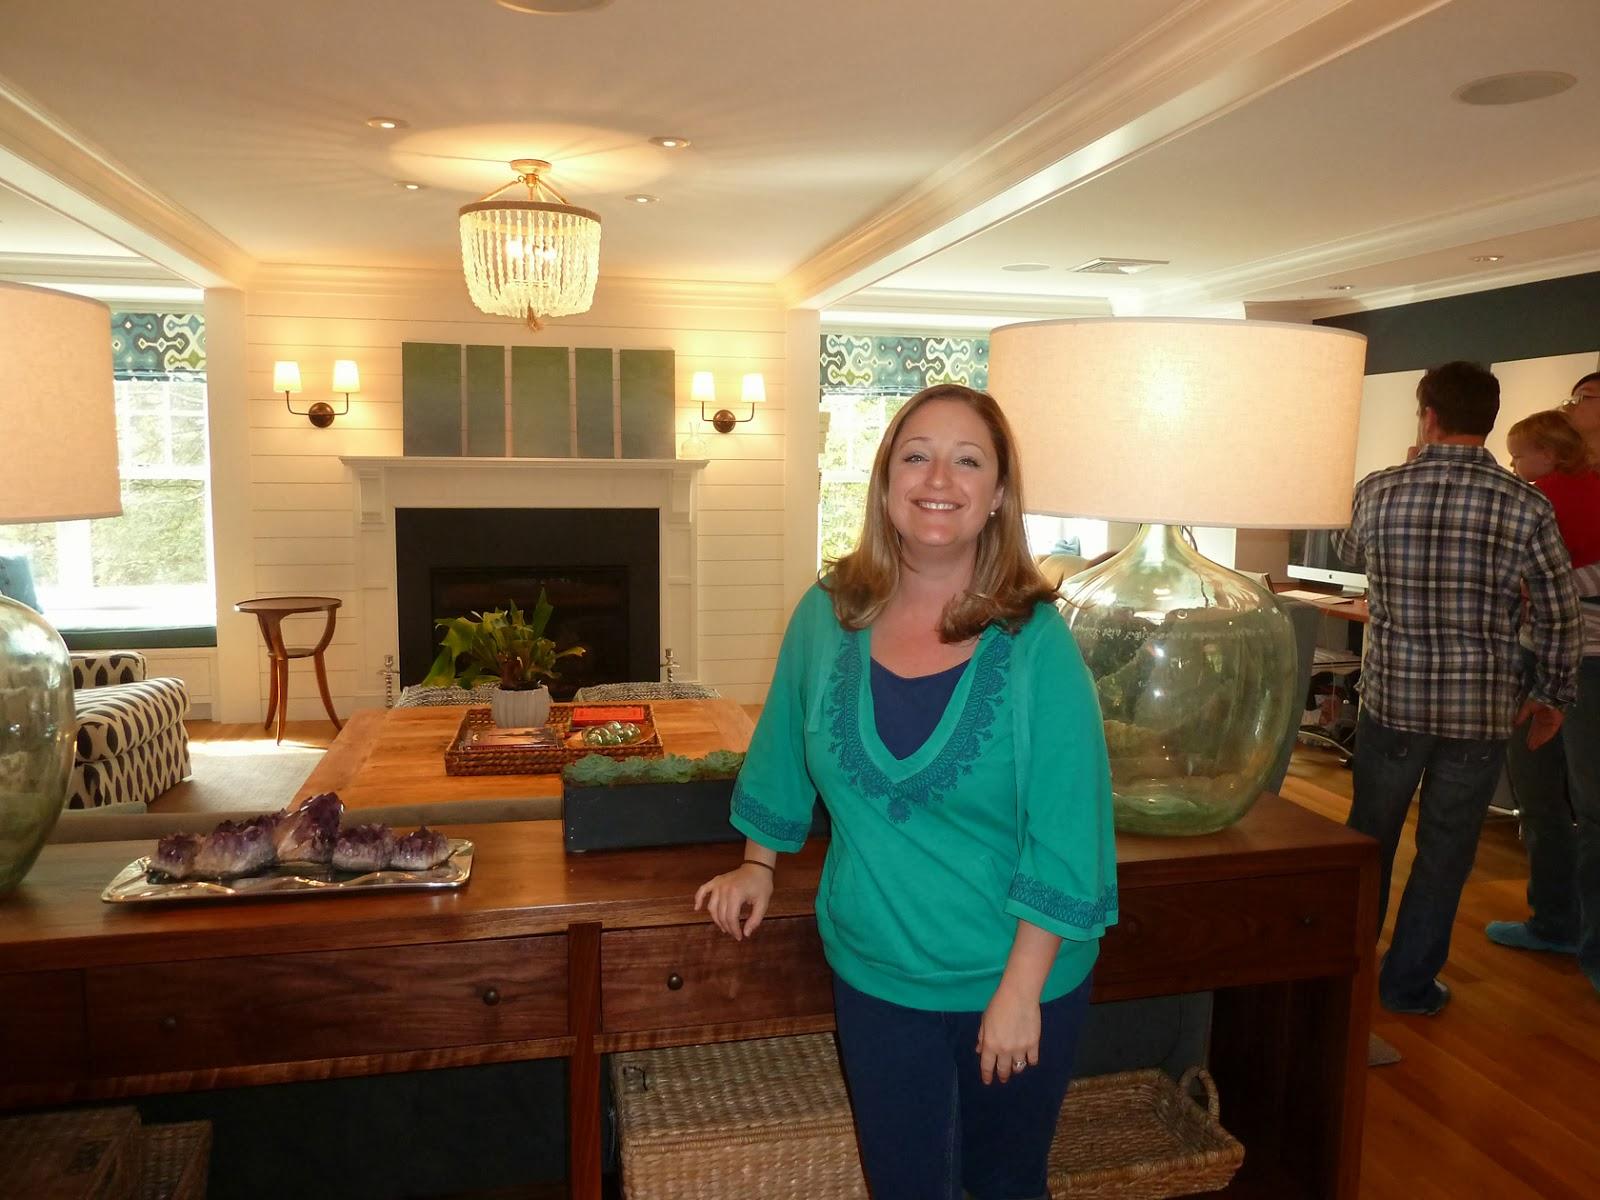 At LMK Interiors Studio Kitchen: Rosanne Palazola, Lisa Kawski, Yvonne  Blacker